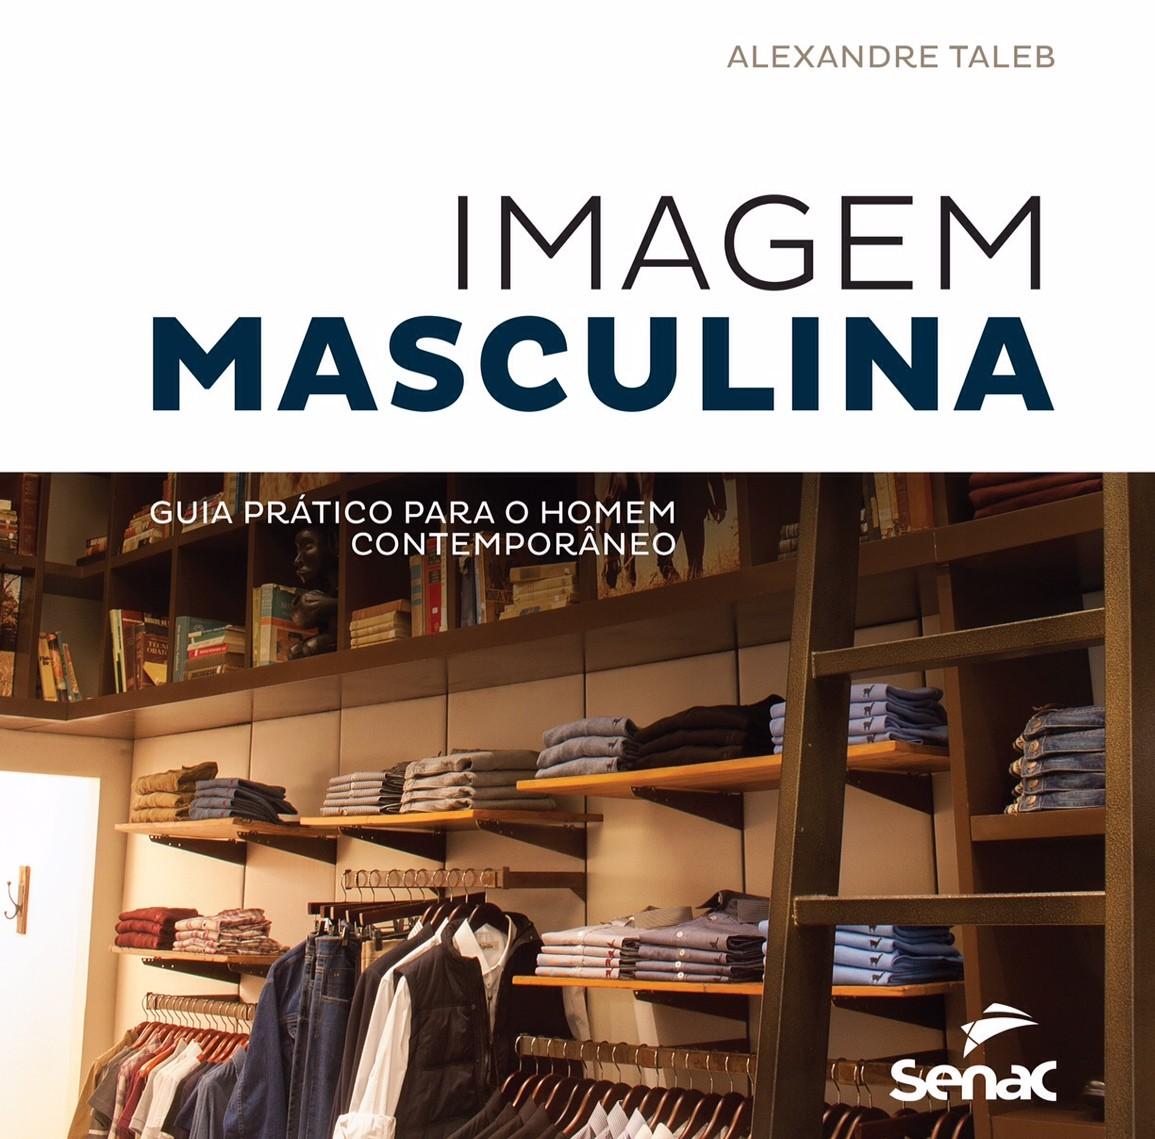 """Imagem da capa do livro de Alexandre Tabeb, onde está inscrito """"Imagem"""" na cor preta e em fonte maior """"Masculina"""" na cor azul escuro. Abaixo uma imagem de um armário de roupas masculinas, com camisas, calças, e no rodapé está inscrito """"SENAC"""" na cor branca."""